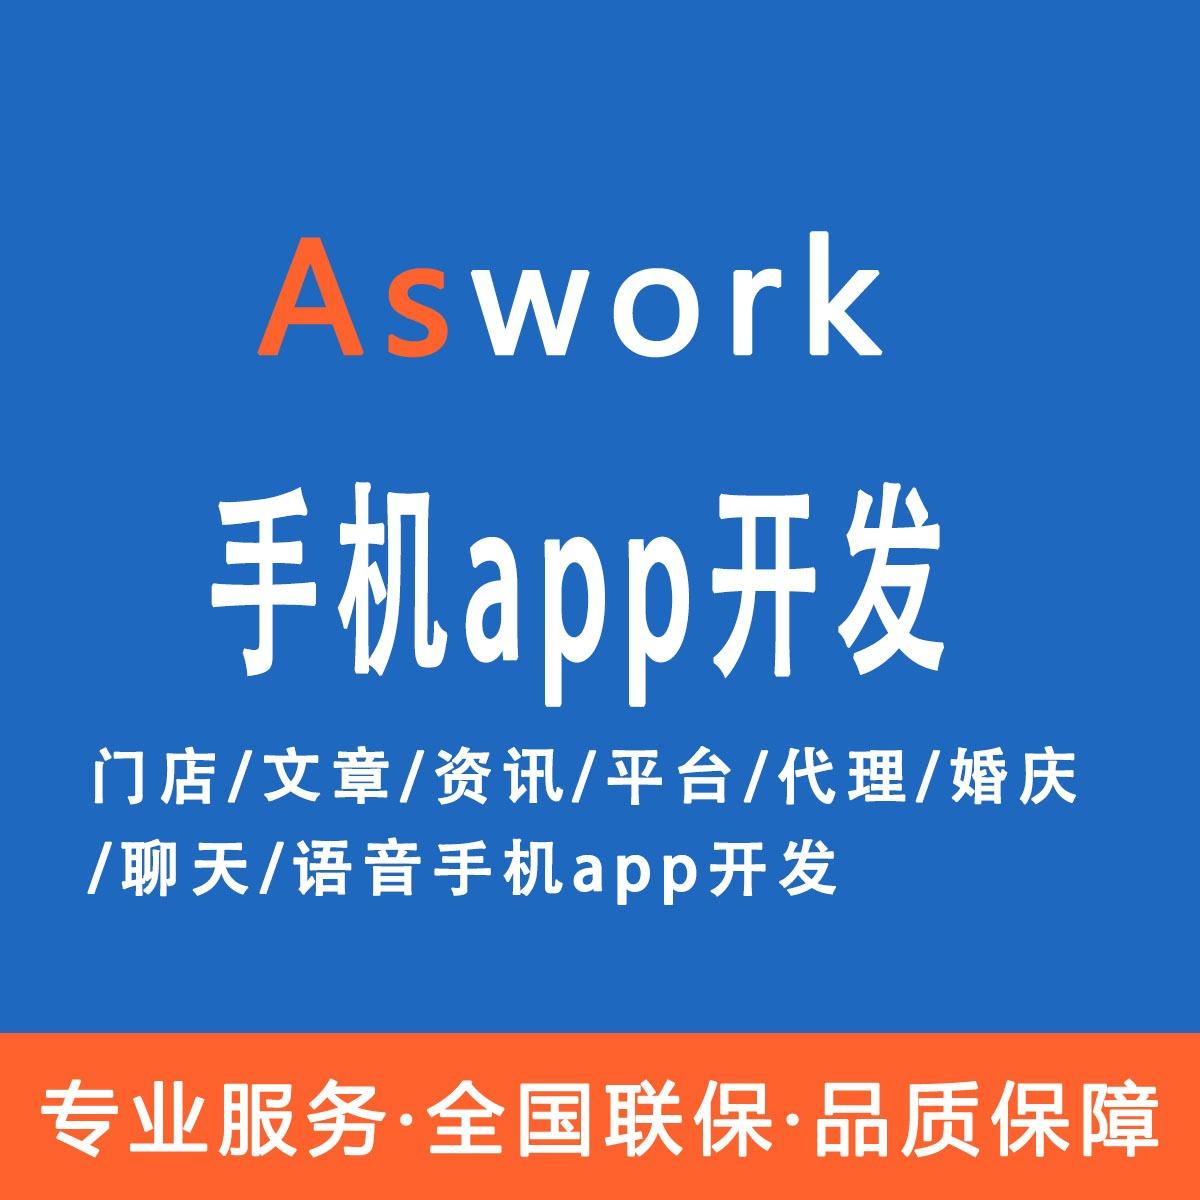 门店/文章/资讯/平台/代理/婚庆/聊天/语音手机app开发